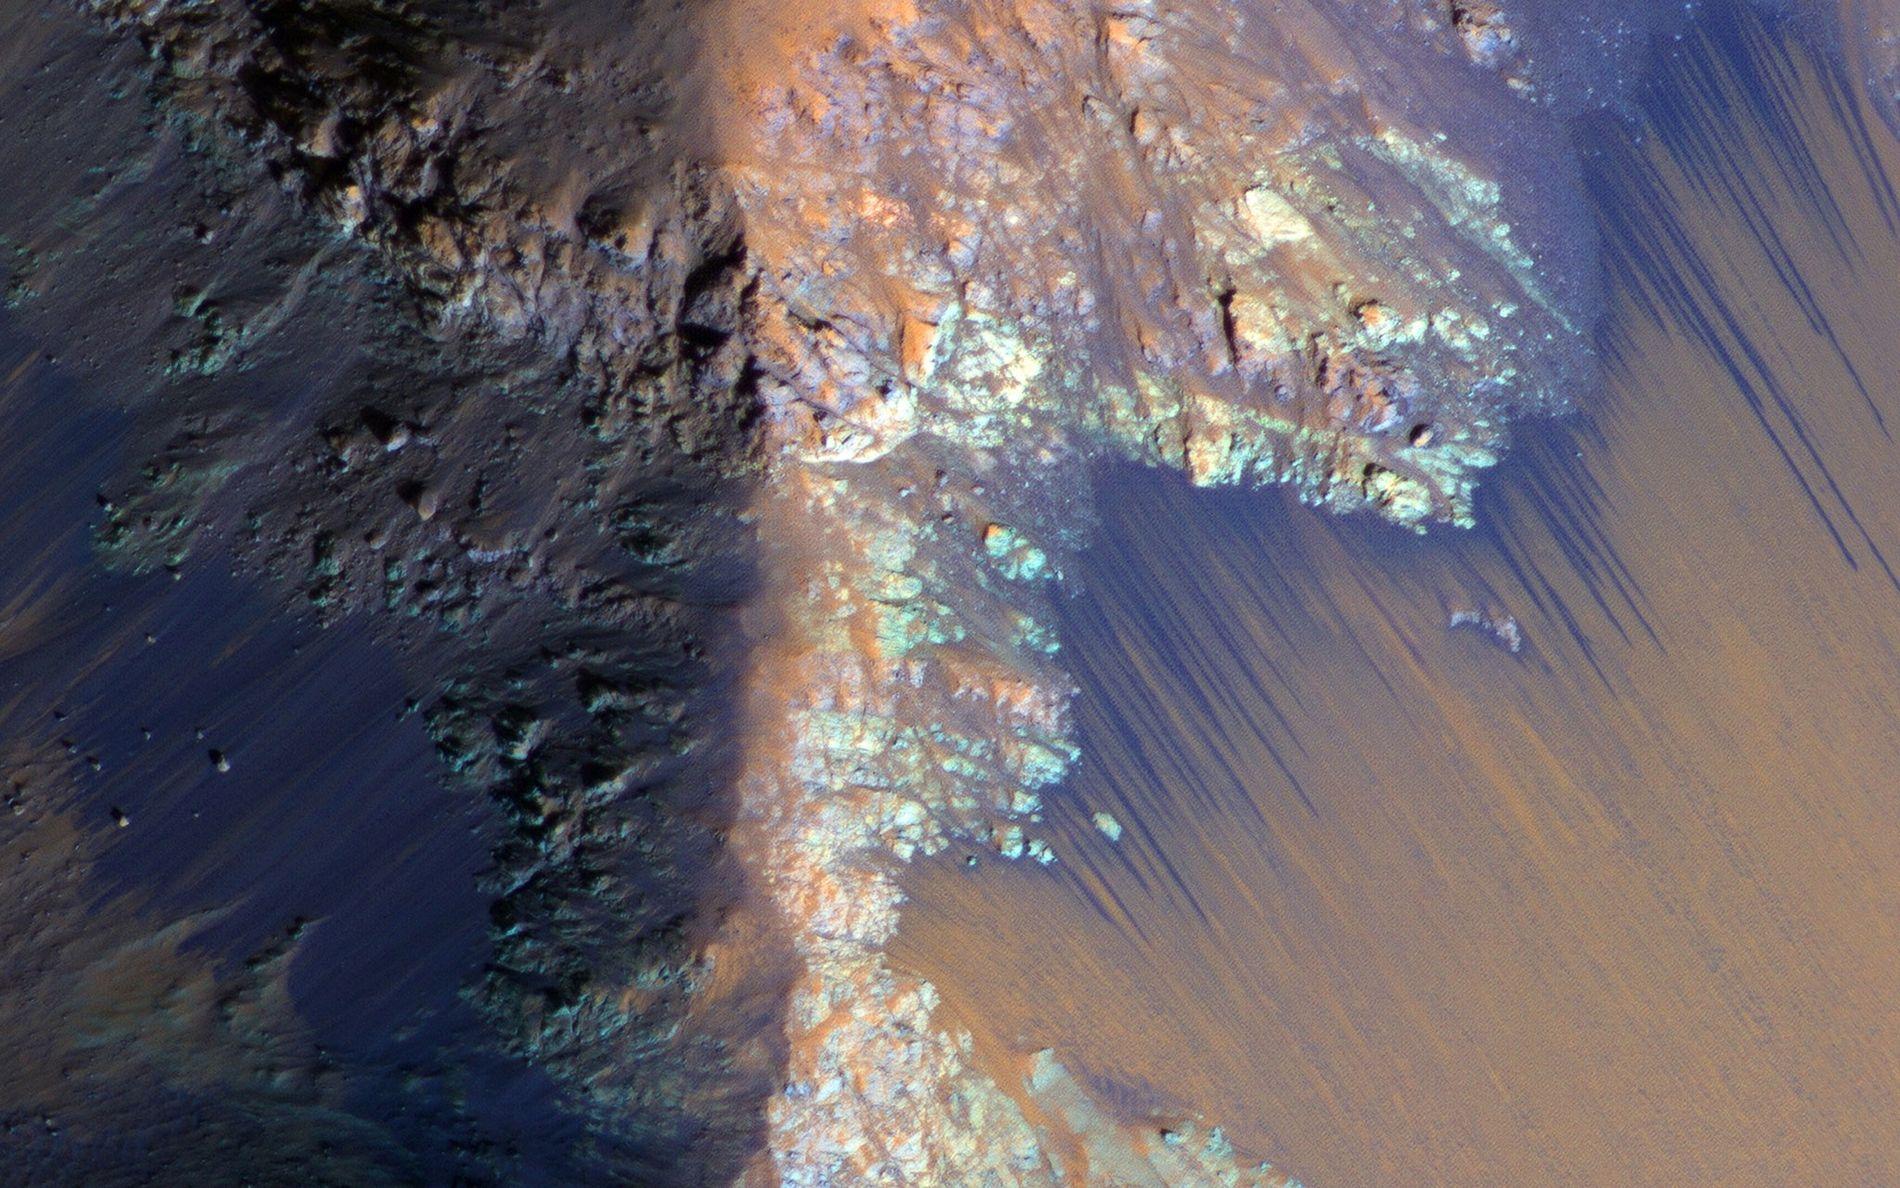 Les falaises de Coprates Chasma sur Mars